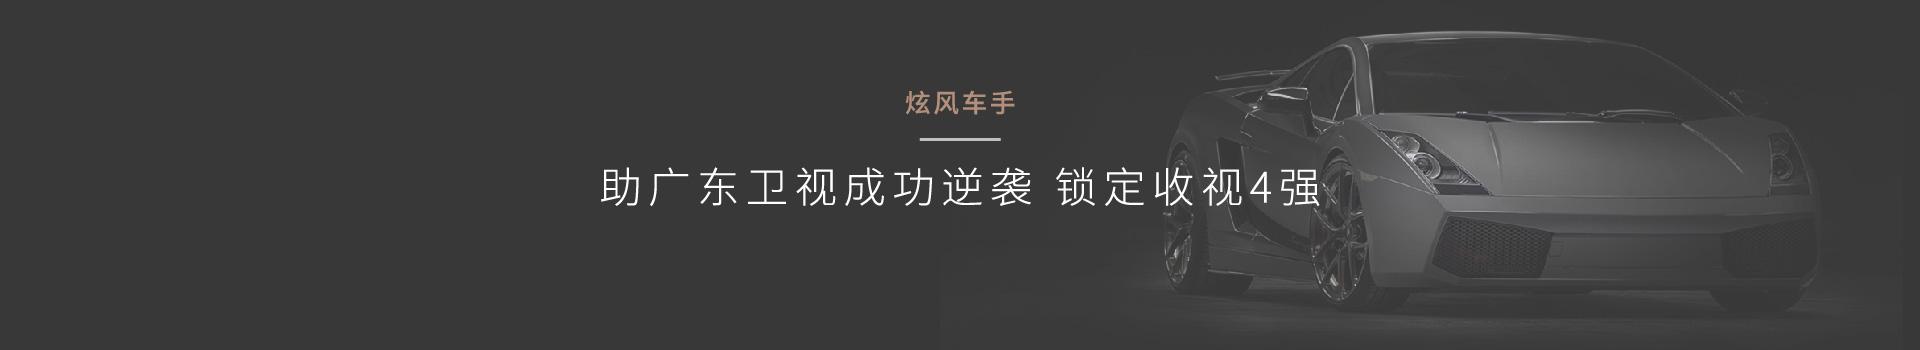 上海营销咨询公司炫风车手定义精准人群,借力大腕、网络等策划案例鼠标划过效果-奇正沐古是提供营销策划、品牌策划、企业营销策划、品牌规划、企业品牌策划、上海品牌策划、品牌咨询、品牌管理、营销咨询等服务的上海策划公司、上海品牌策划公司、营销策划公司、营销咨询公司、上海营销策划公司、品牌营销咨询公司